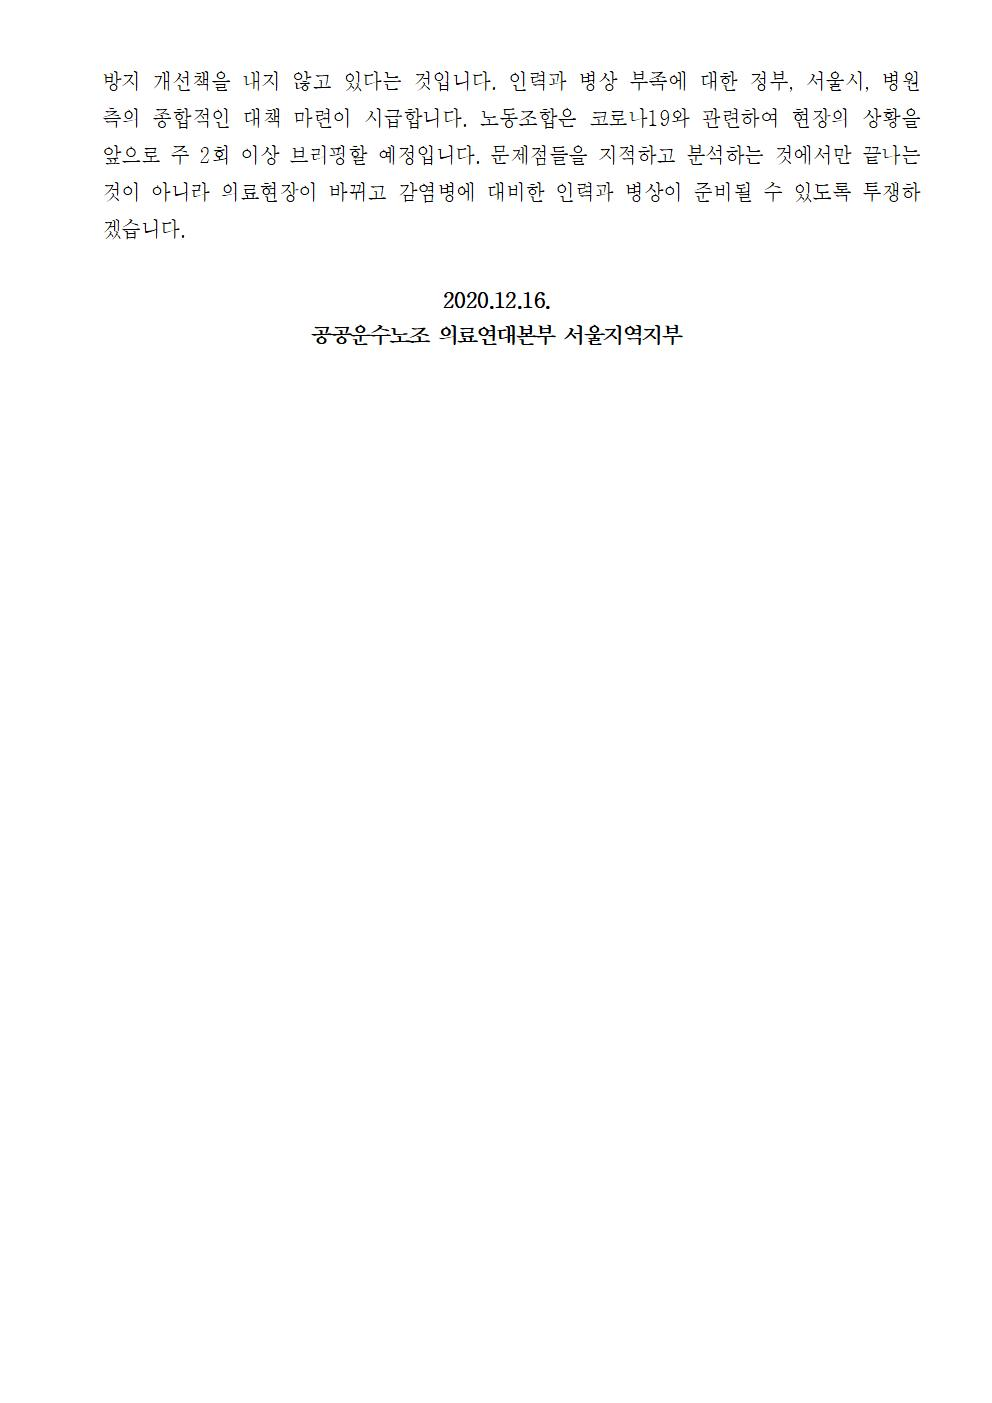 201216_보도자료_위험천만한_서울대병원,_보라매병원_예견된_사고_발생003.jpg